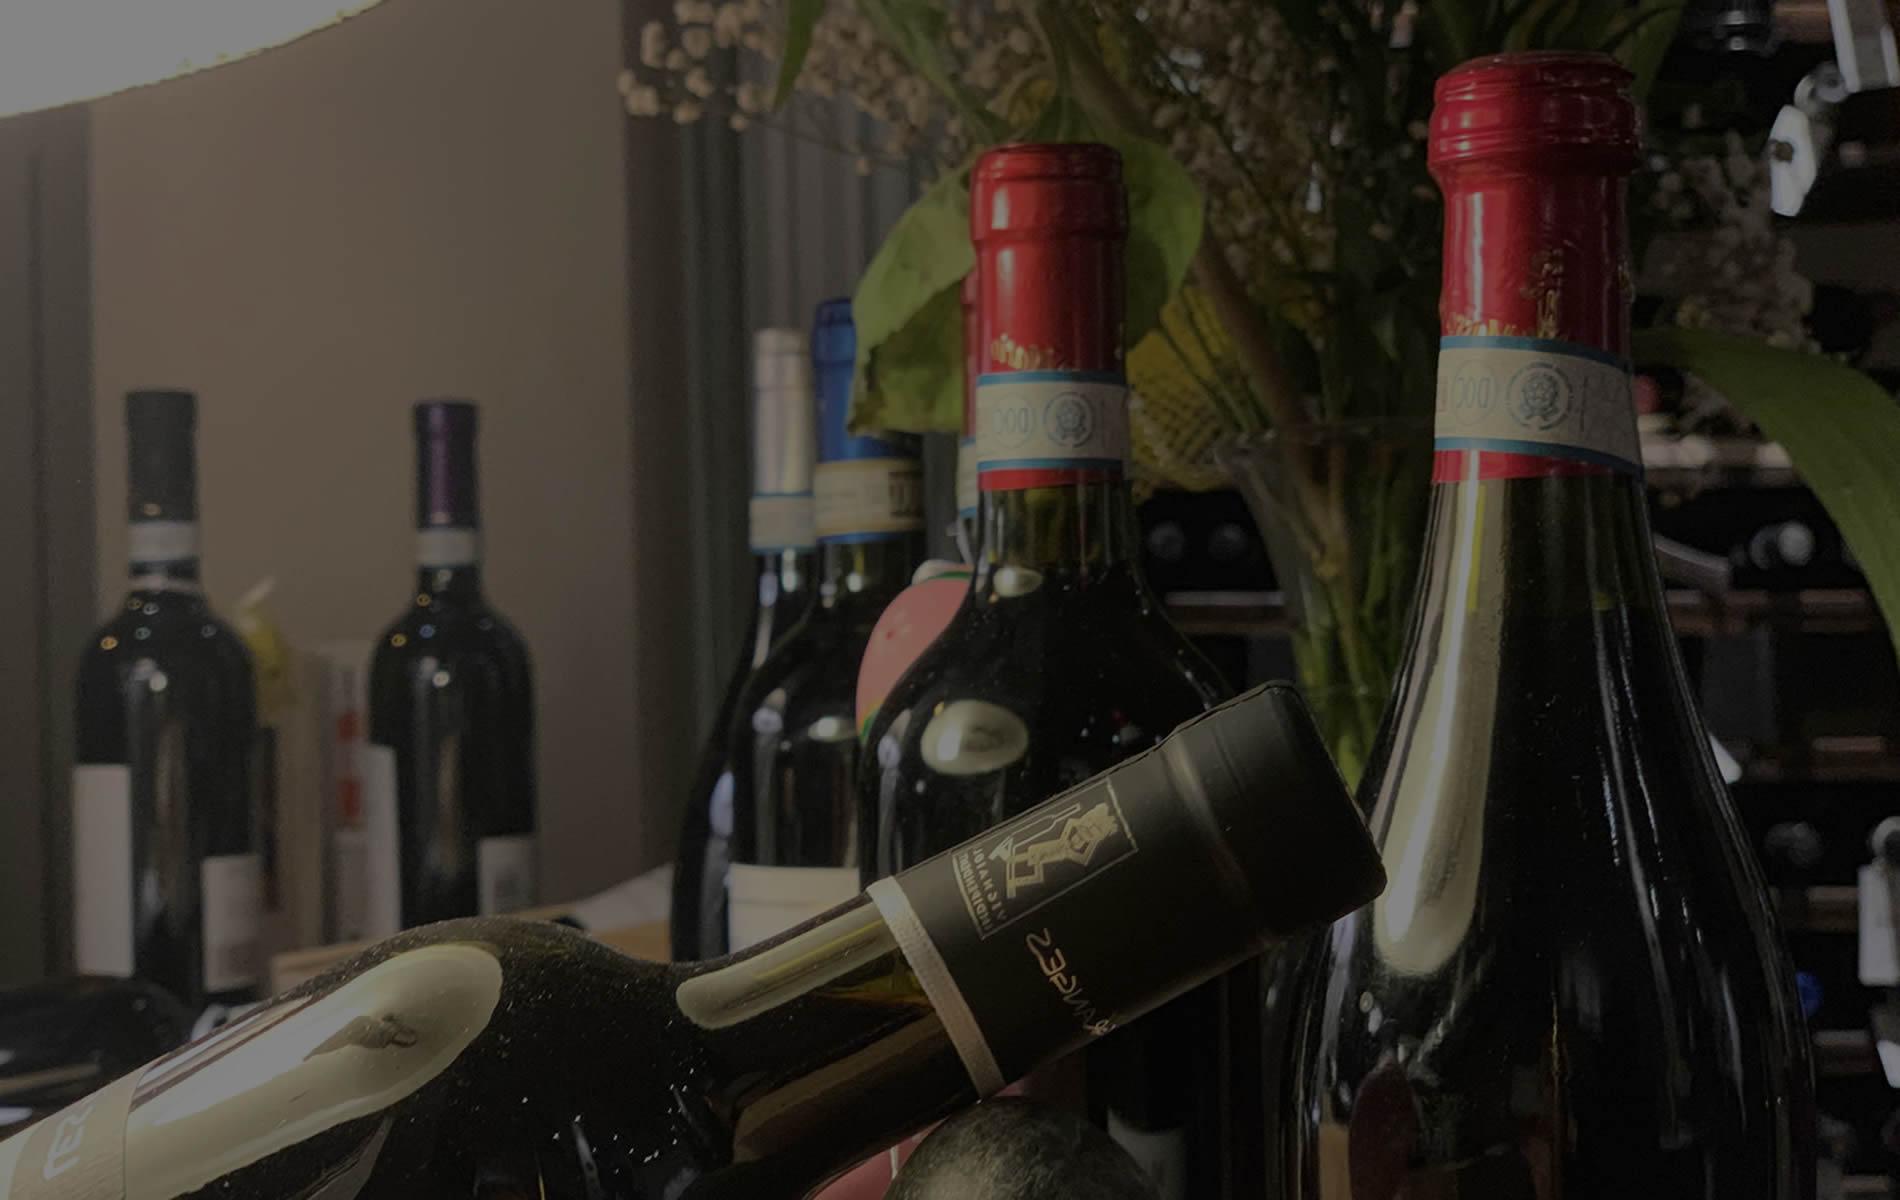 I nostri vini in bottiglia